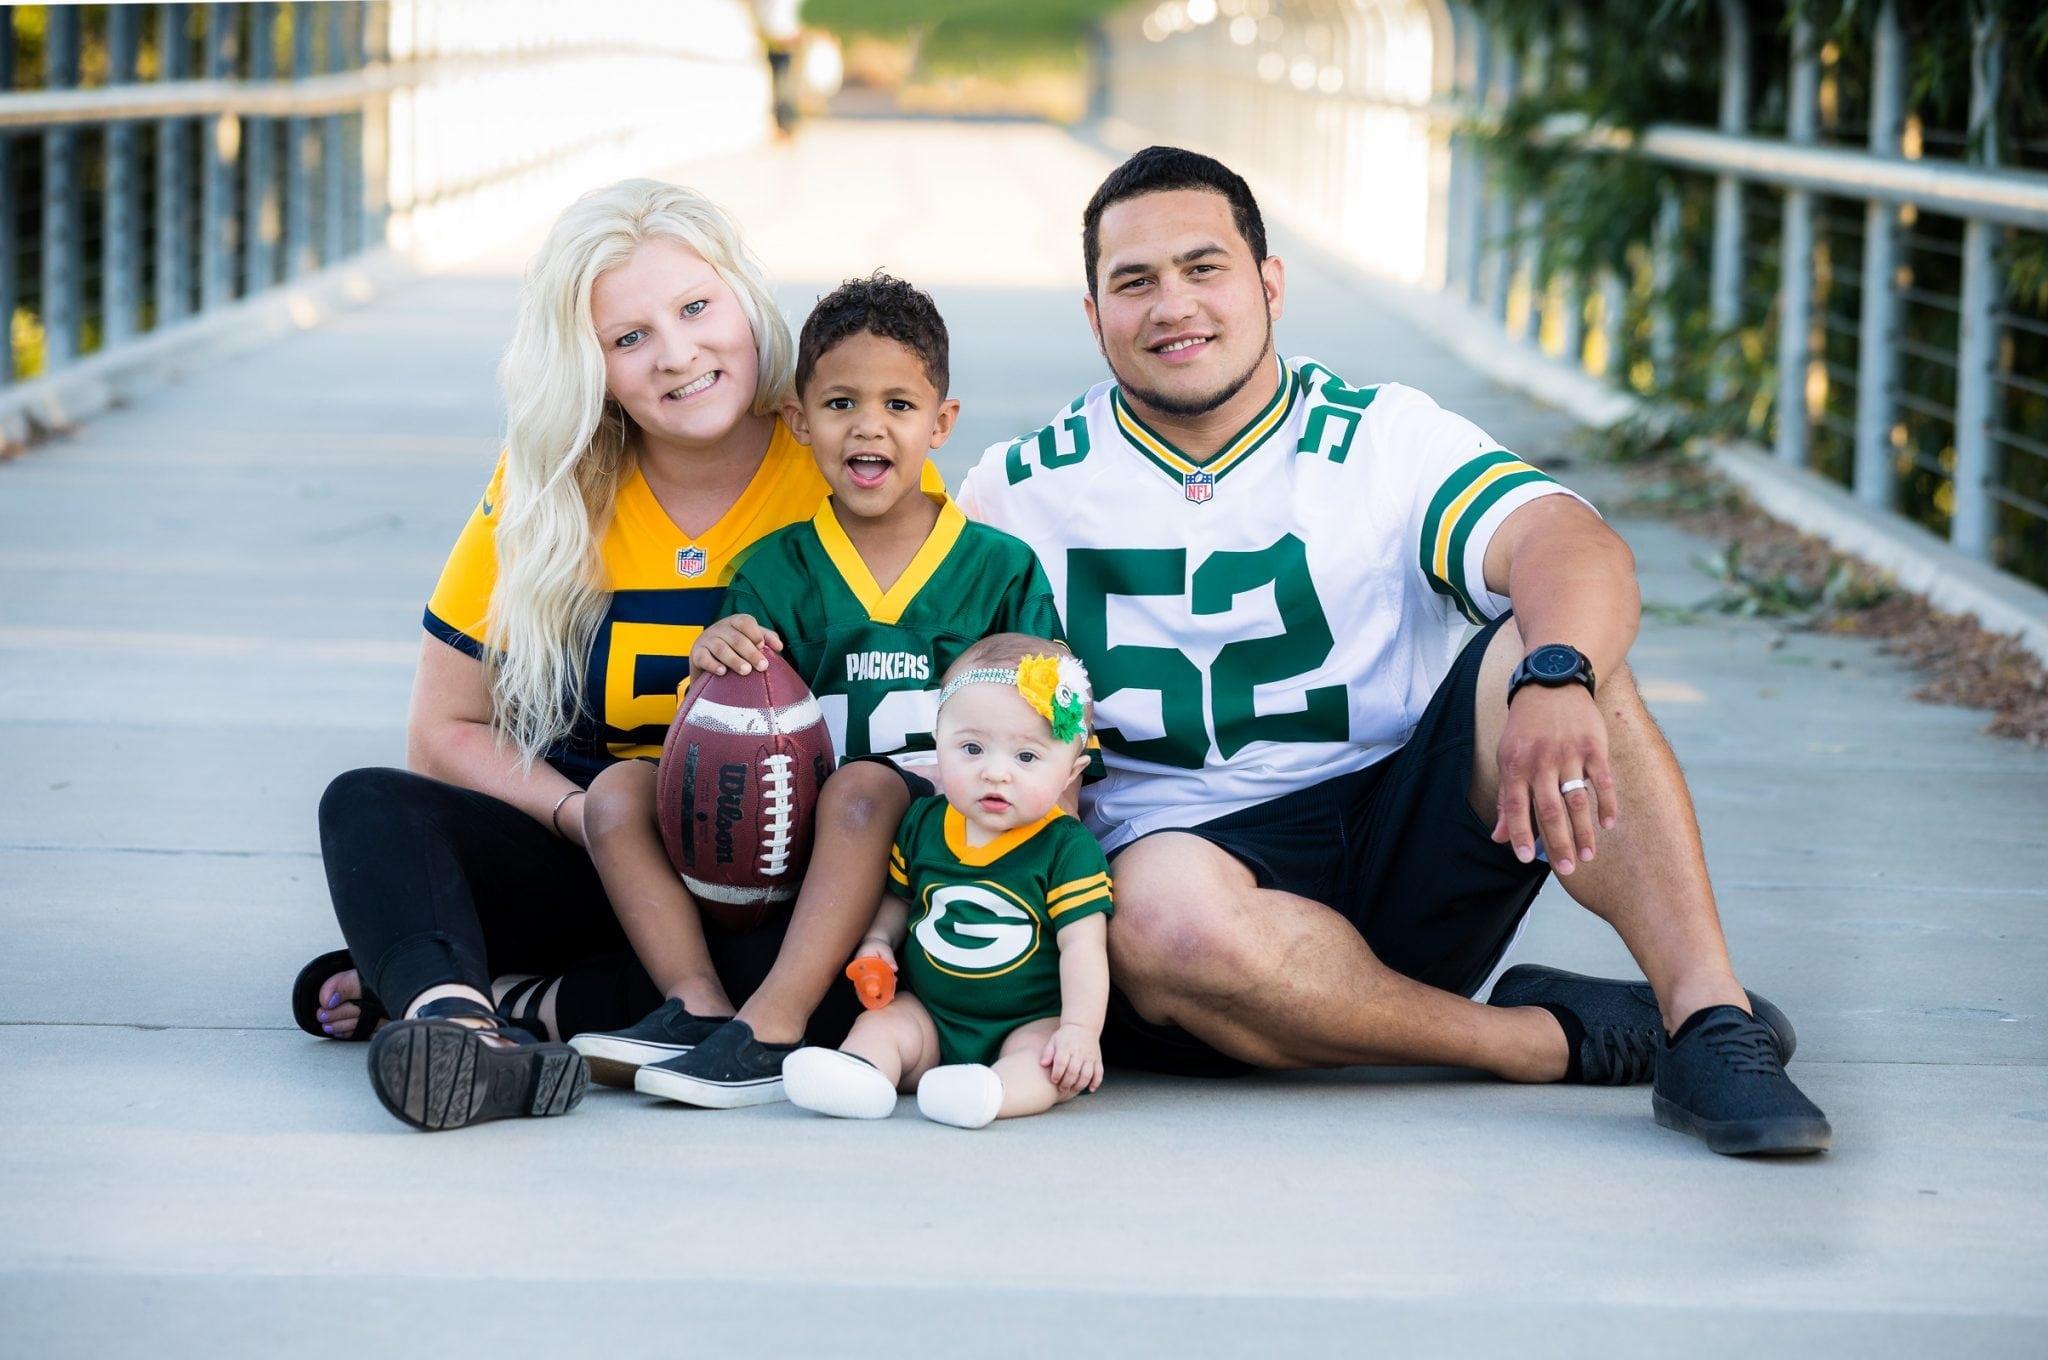 Sports family photo